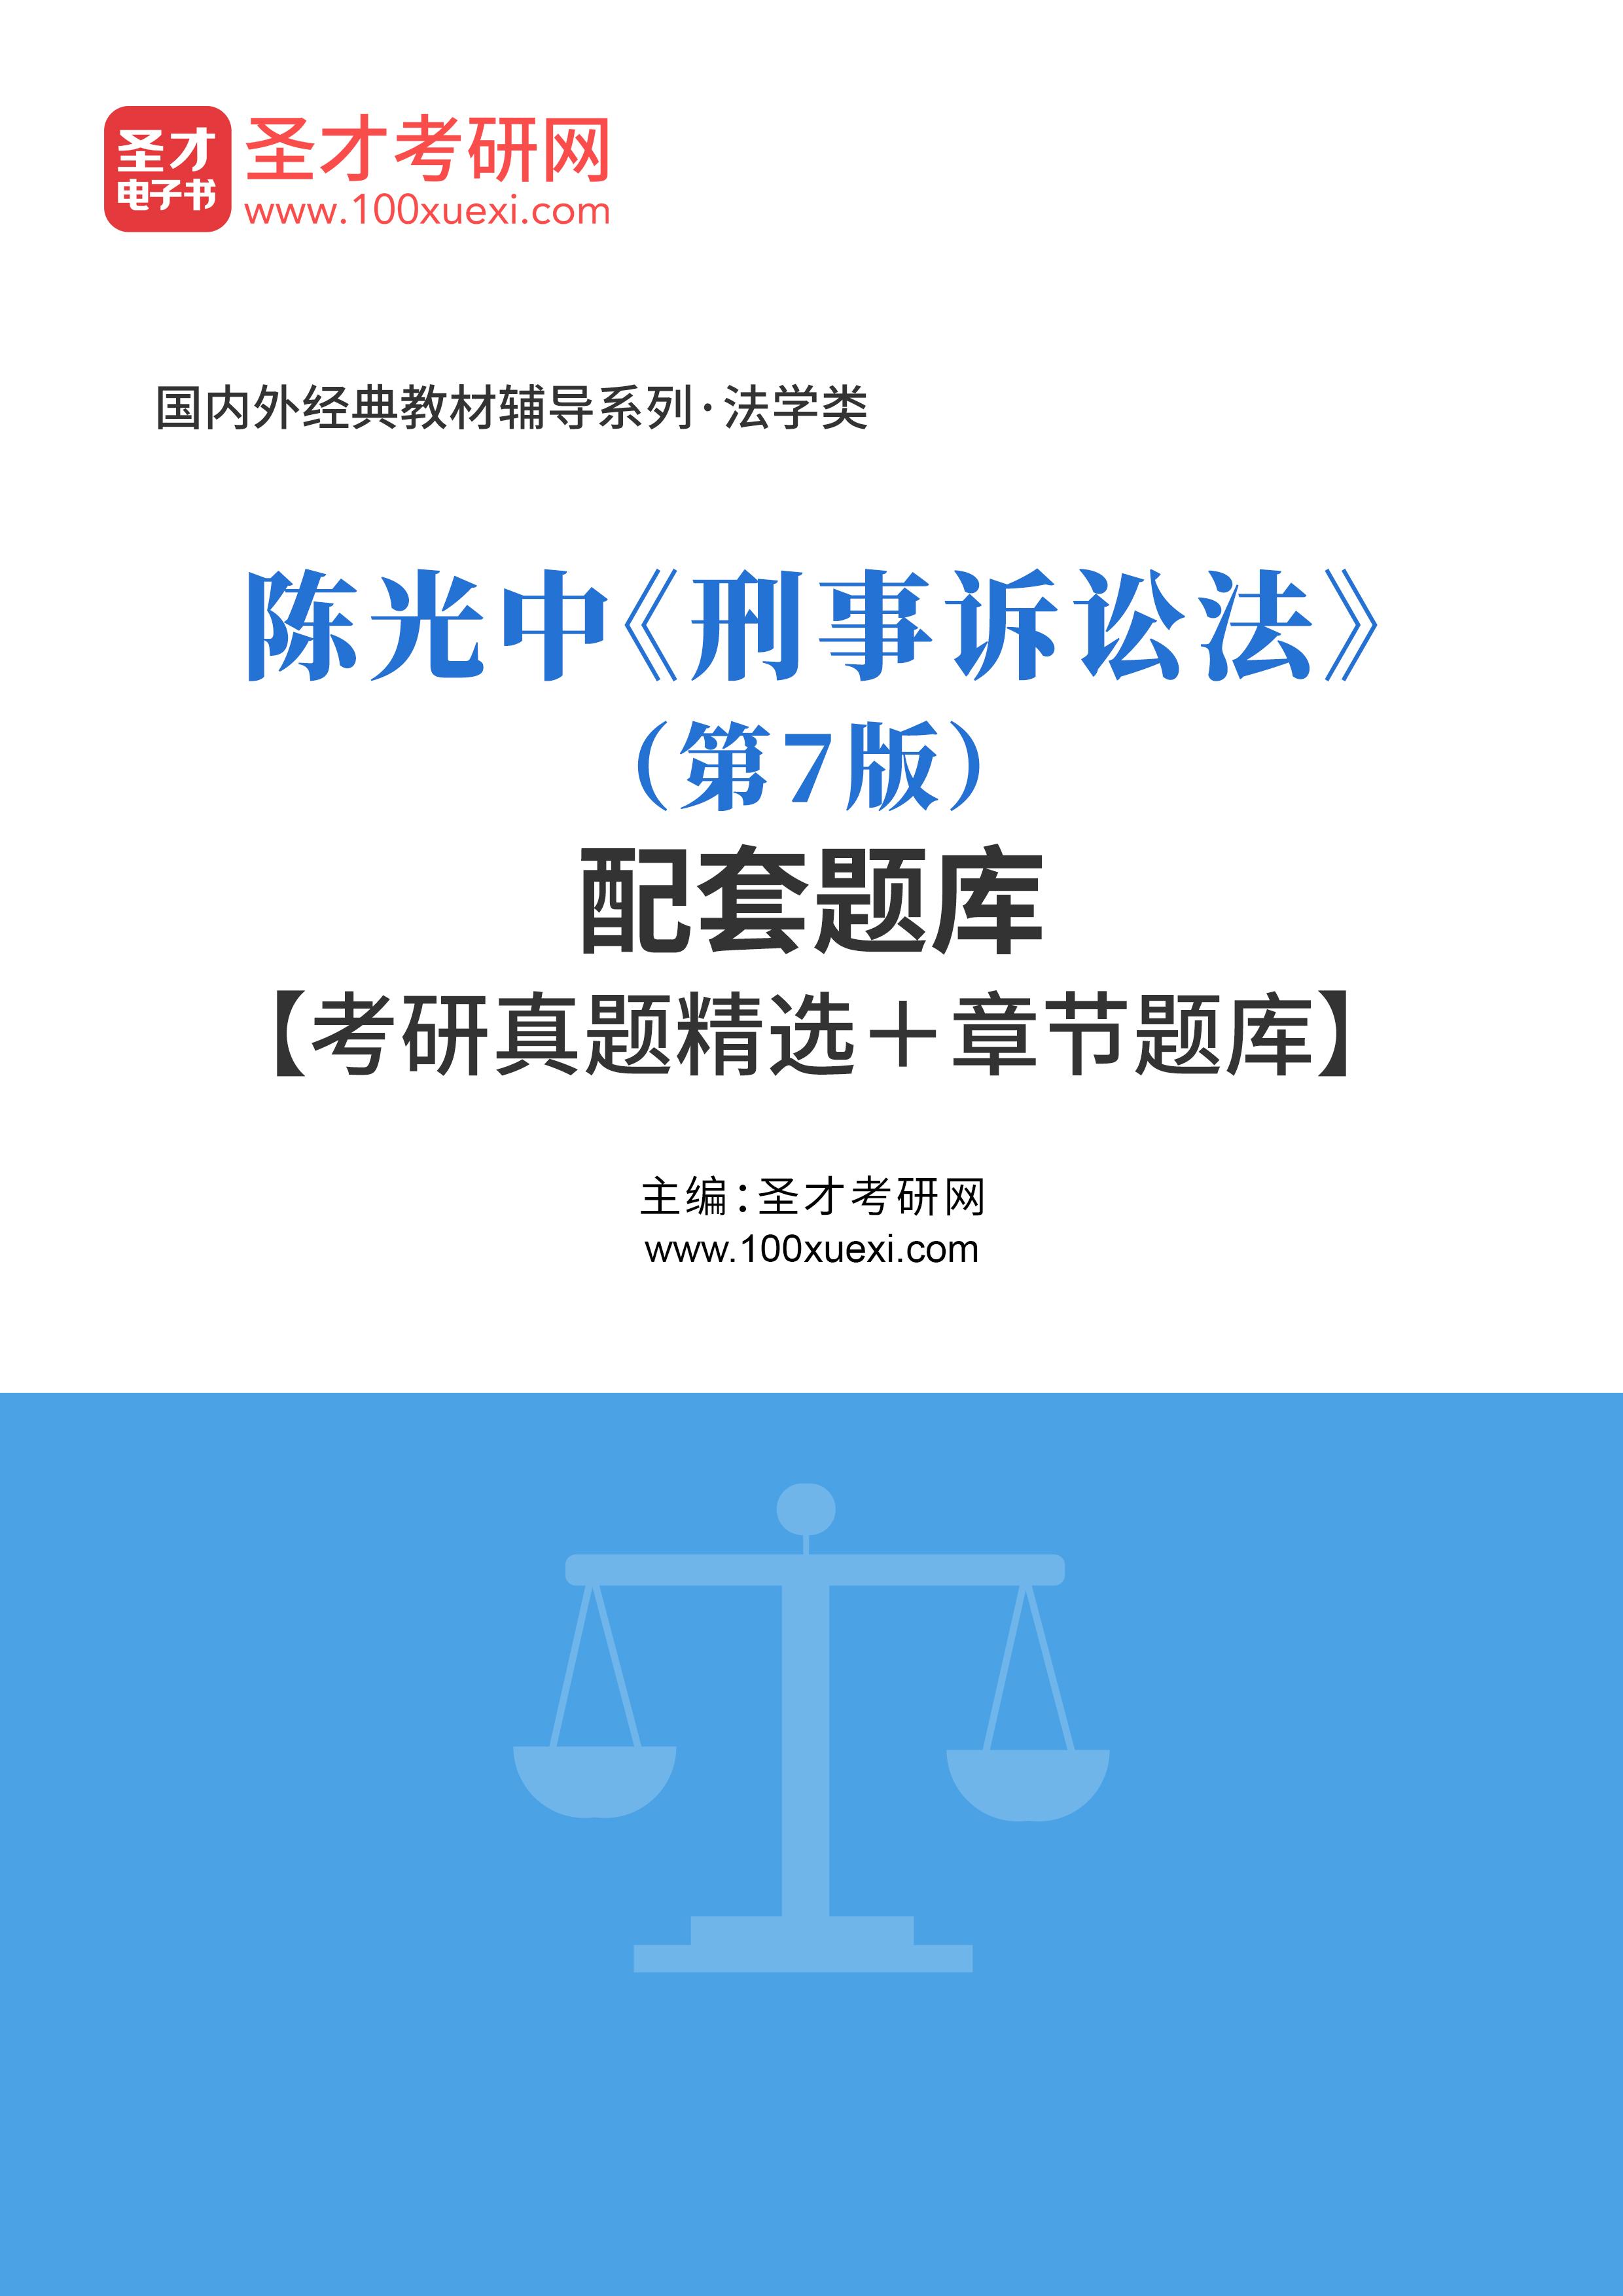 陈光中《刑事诉讼法》(第7版)配套题库【考研真题精选+章节题库】